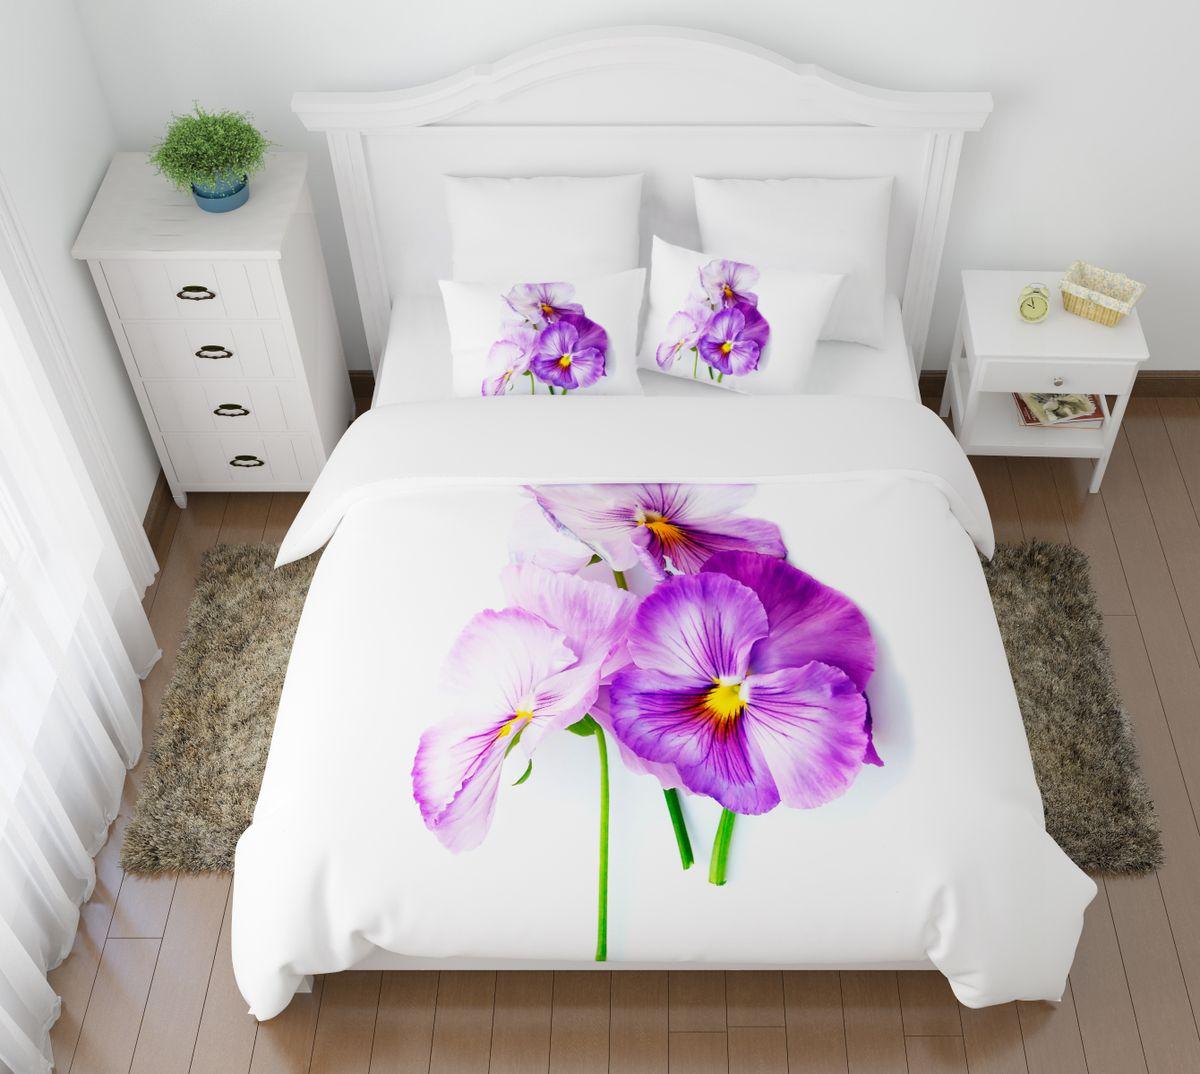 Комплект белья Сирень Виола необыкновенная, 1,5-спальный, наволочки 50x704630003364517Комплект постельного белья Сирень состоит из простыни, пододеяльника и 2 наволочек. Комплект выполнен из современных гипоаллергенных материалов. Приятный при прикосновении сатин - гарантия здорового, спокойного сна. Ткань хорошо впитывает влагу, надолго сохраняет яркость красок. Четкий, изящный рисунок в сочетании с насыщенными красками делает комплект постельного белья неповторимой изюминкой любого интерьера. Постельное белье идеально подойдет для подарка.